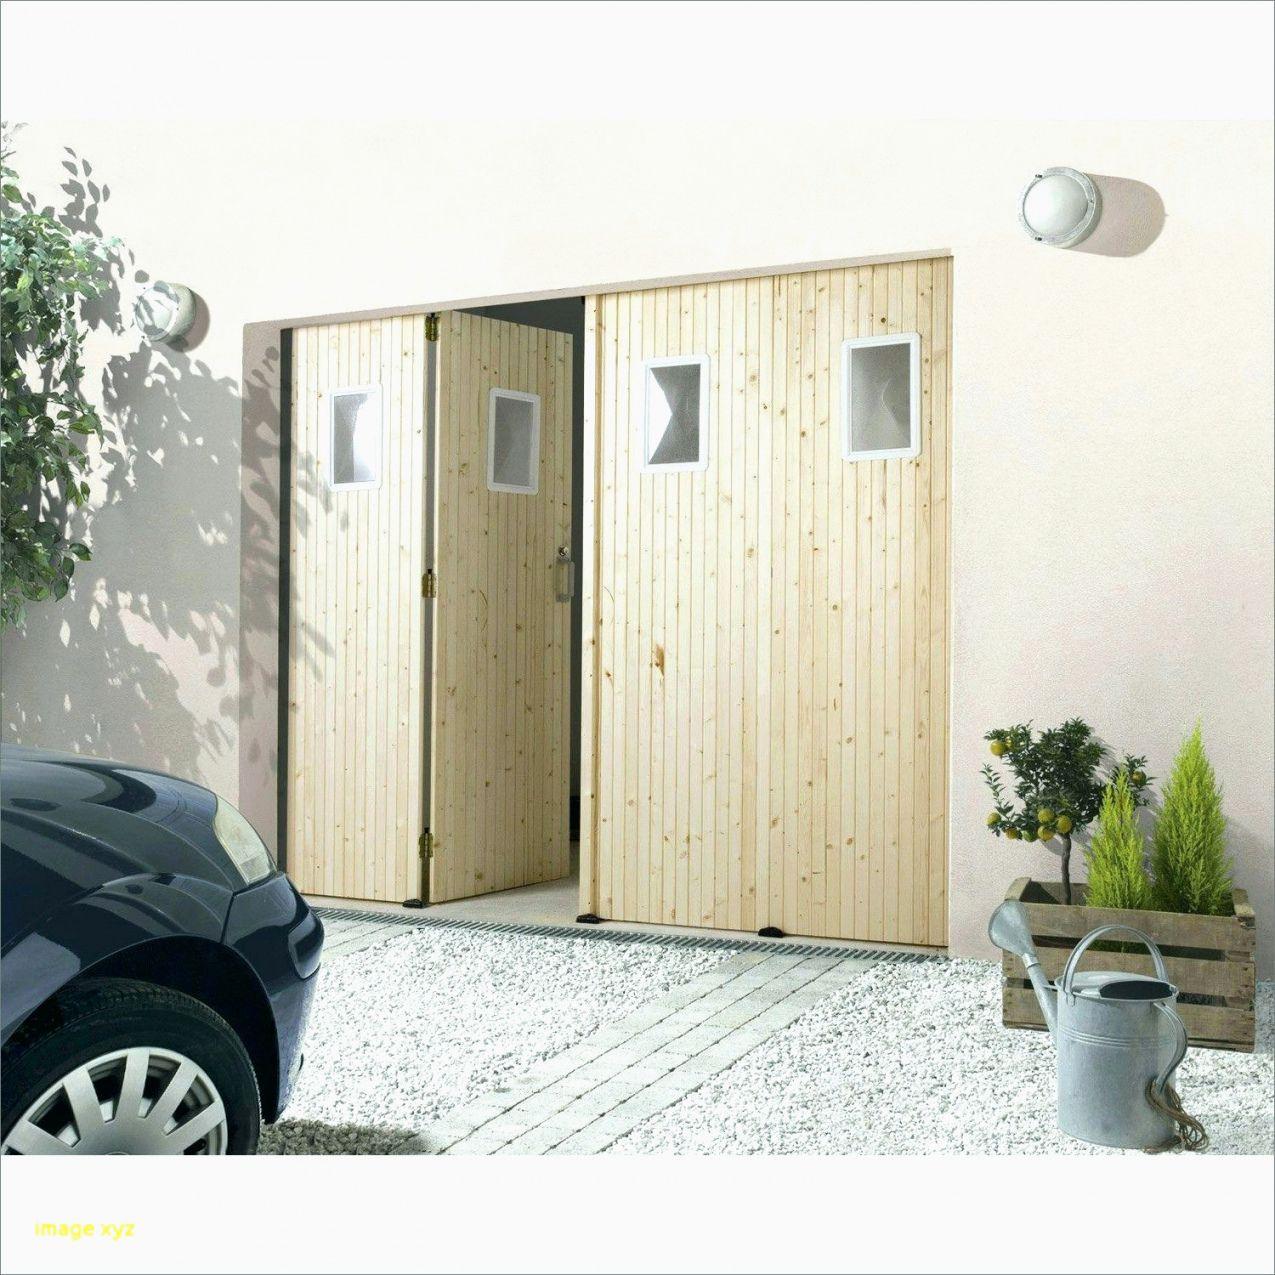 99 Porte De Garage Basculante Avec Portillon Brico Depot ... destiné Salon De Jardin Brico Depot